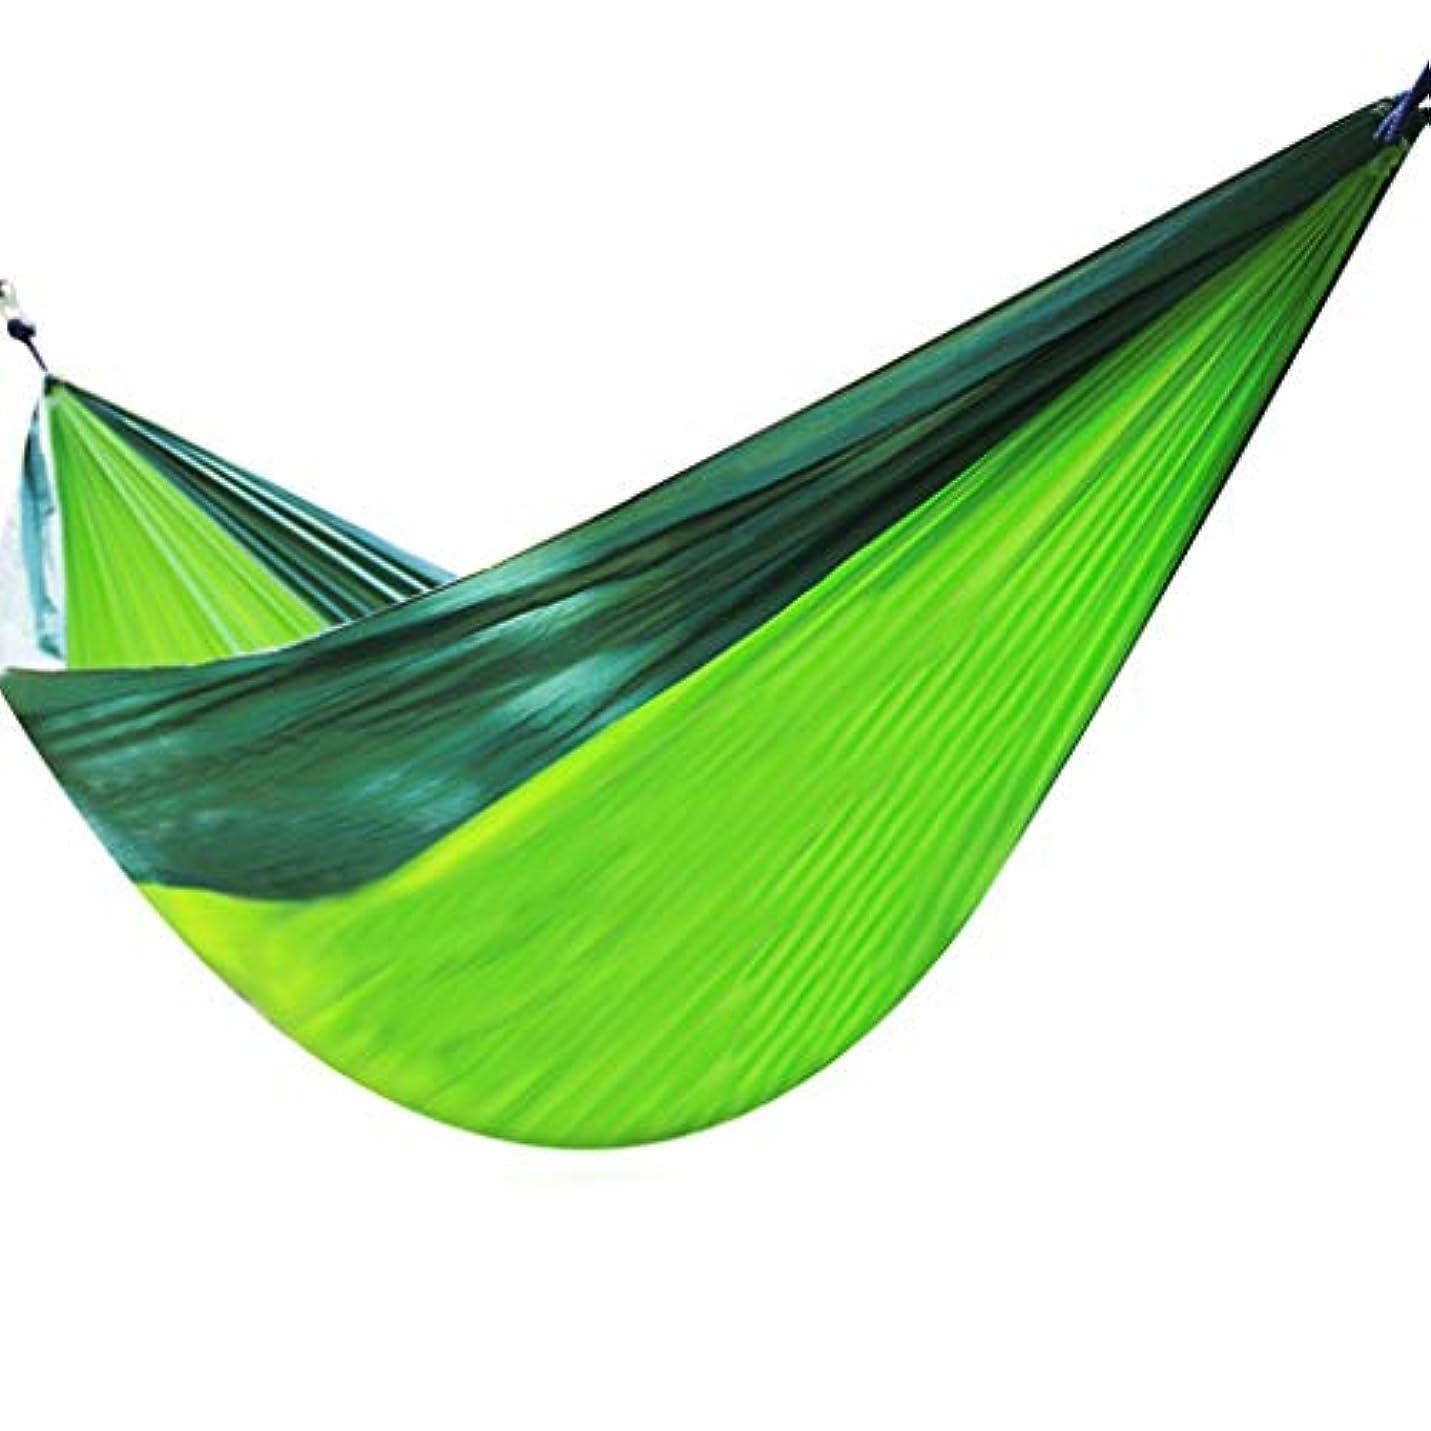 チケットプロフェッショナル標高ハンモック アウトドアハンモックライトハンモックキャンプやガーデニングや旅行に適したアウトドアシングルキャンプレジャーハンモック ハンモック 蚊帳付き